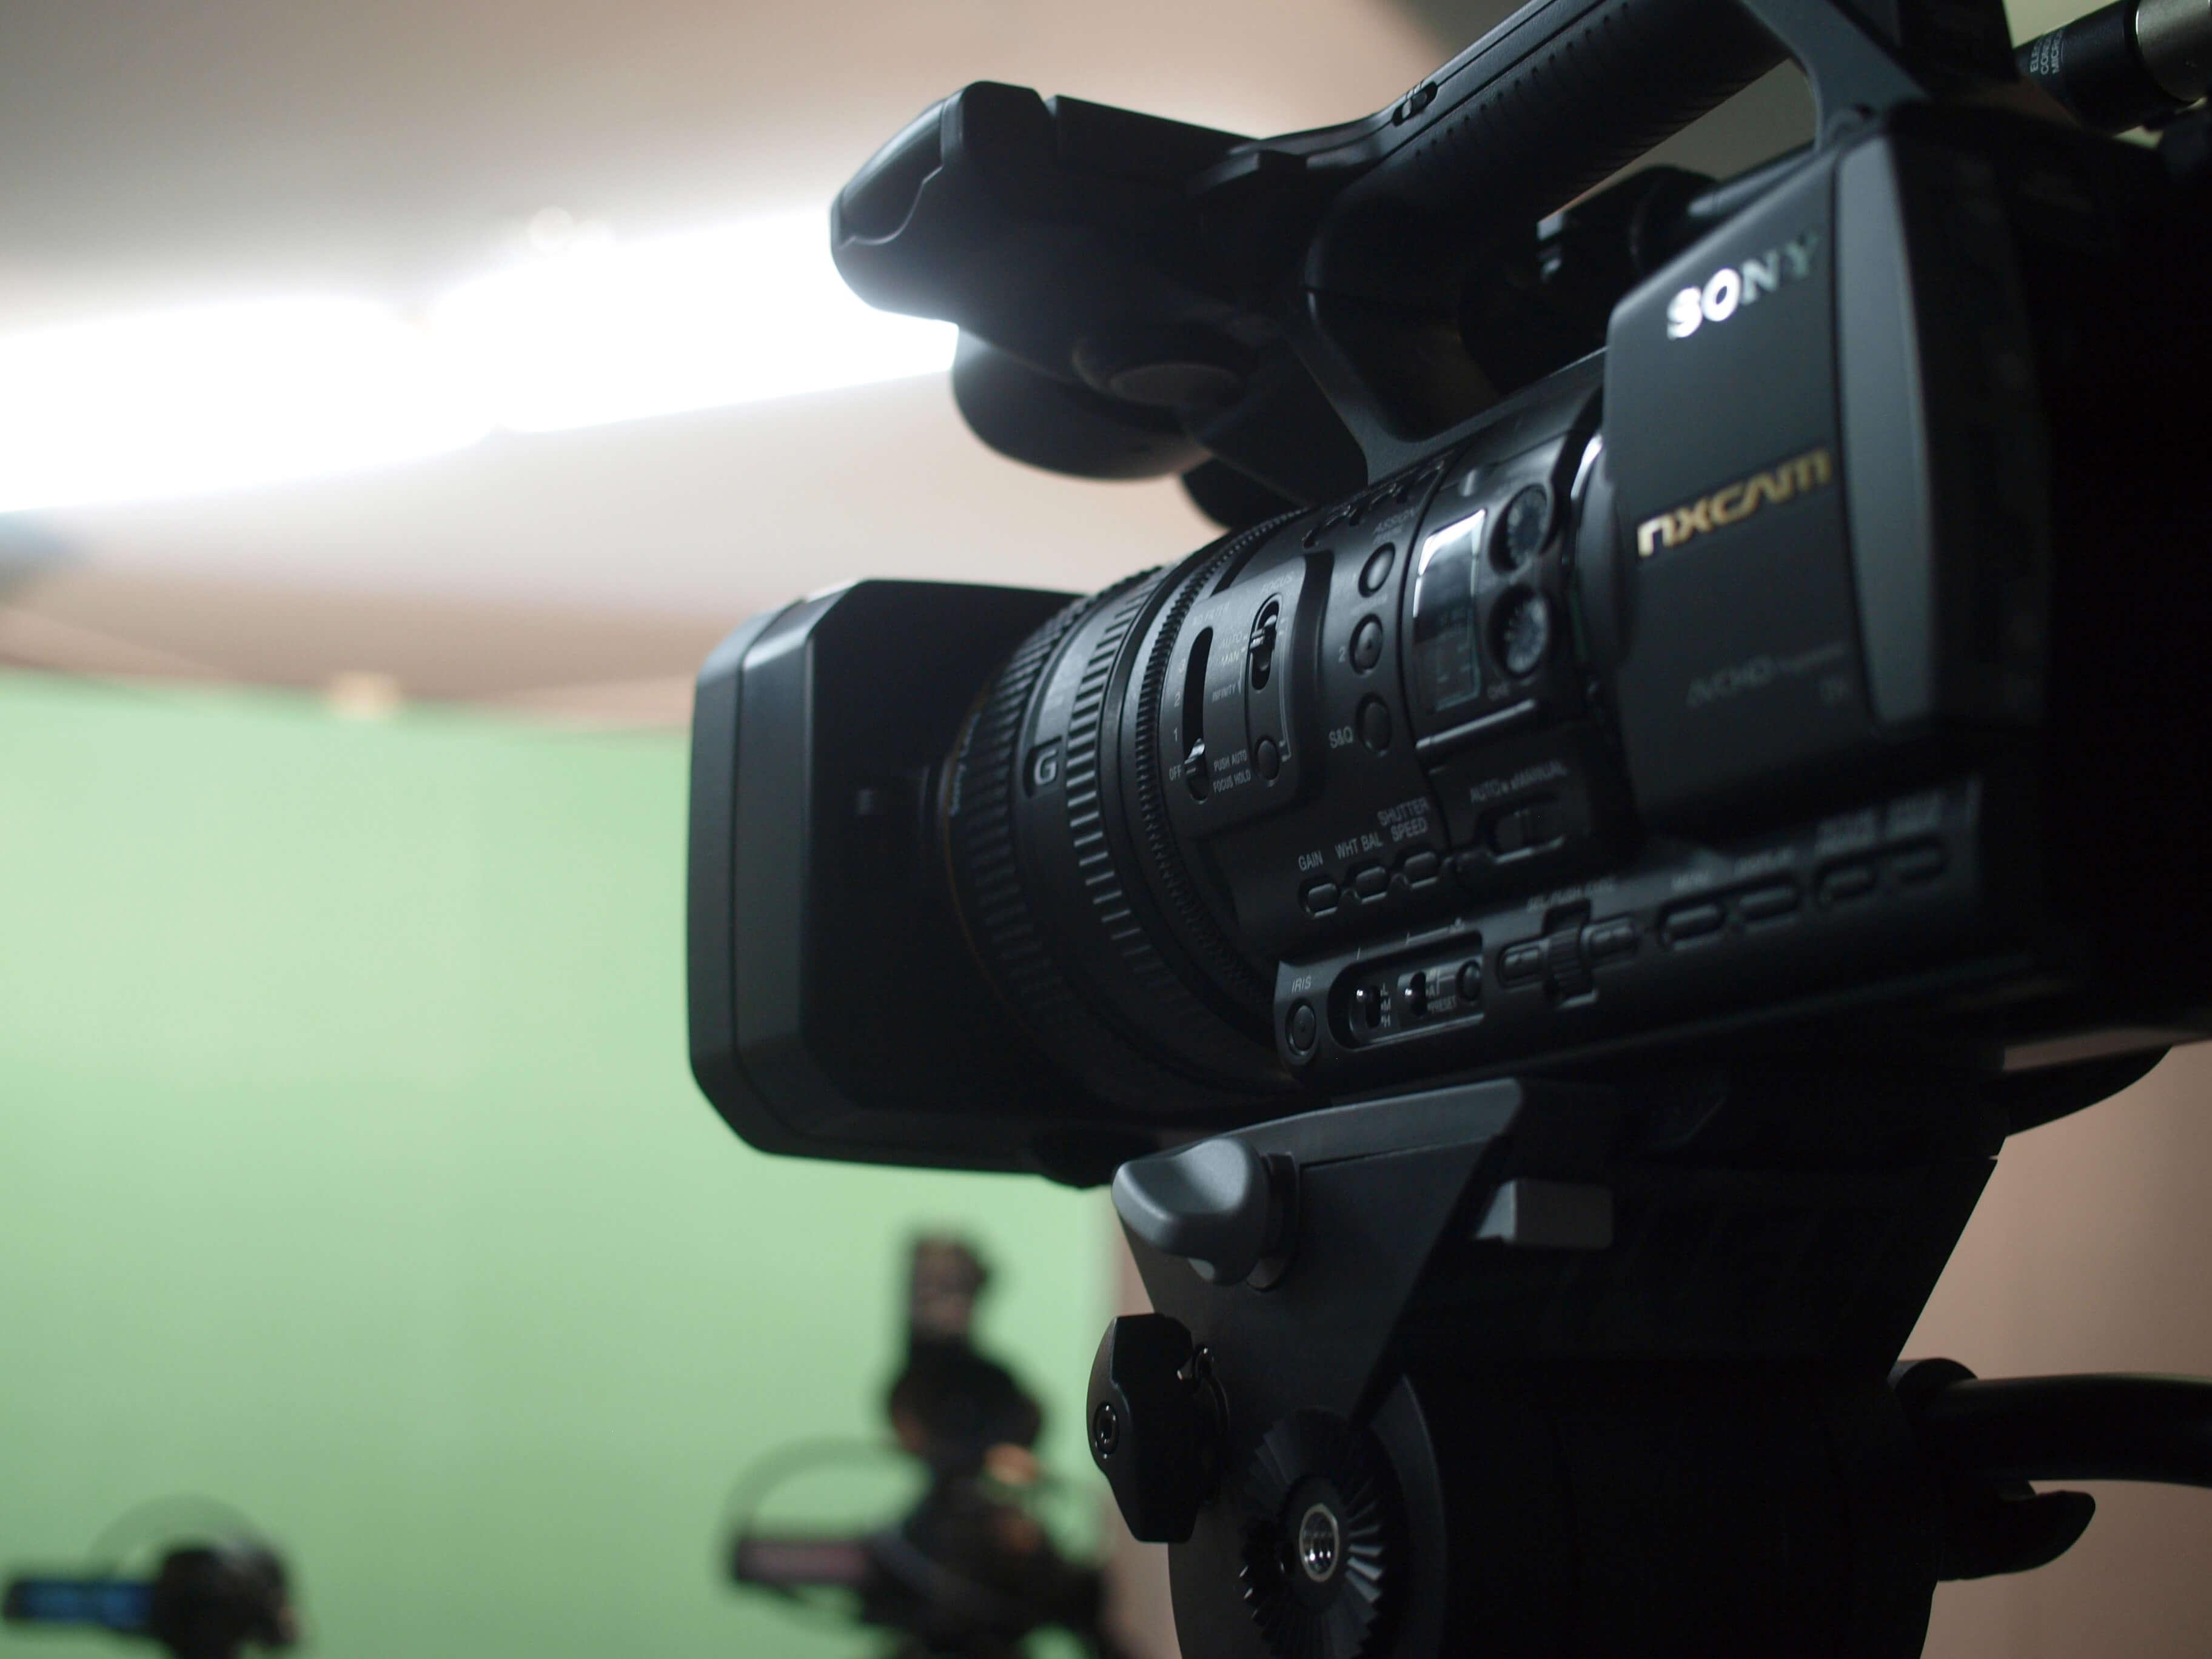 お客様の用途にあわせてご提案。「動画制作サービス」